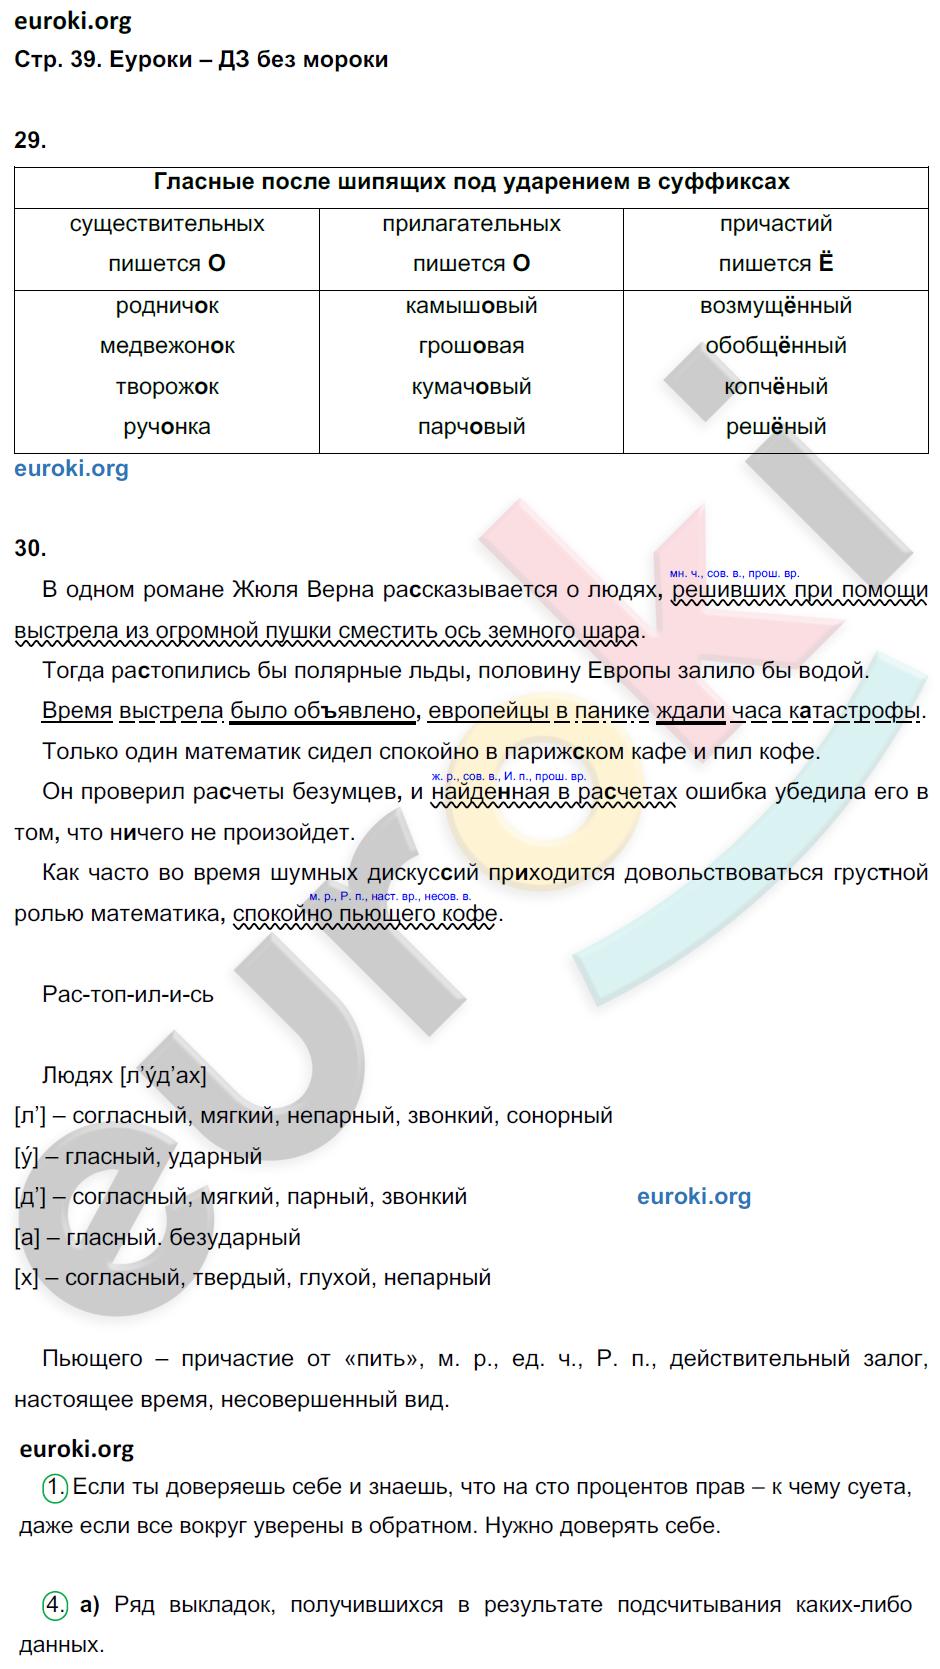 ГДЗ по русскому языку 7 класс рабочая тетрадь Ерохина. Задание: стр. 39